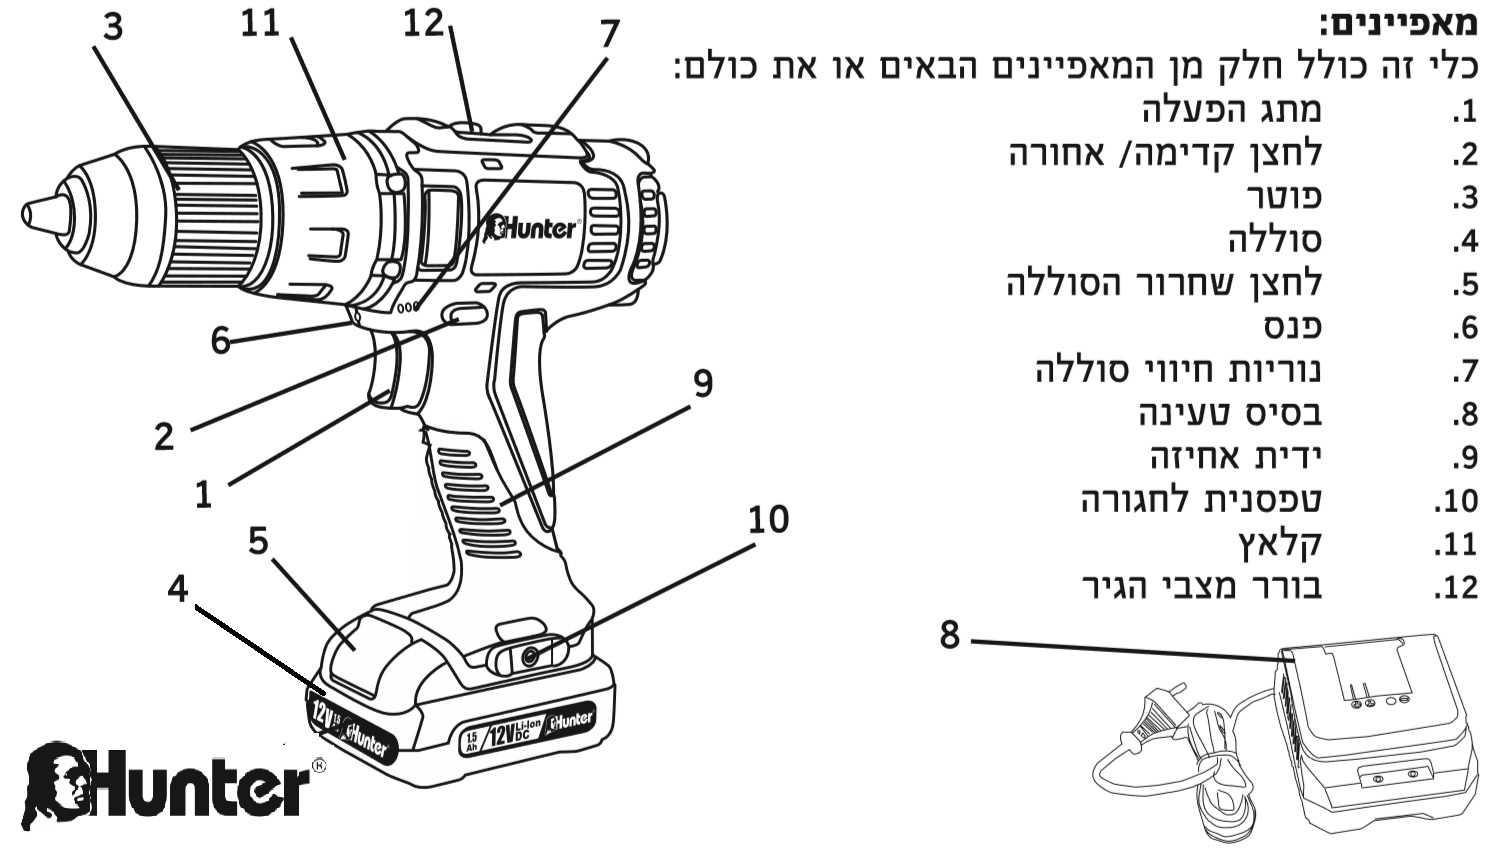 מברגת ליתיום 12V עם סוללה אחת - Hunter 100311-004 האנטר - תמונה 6